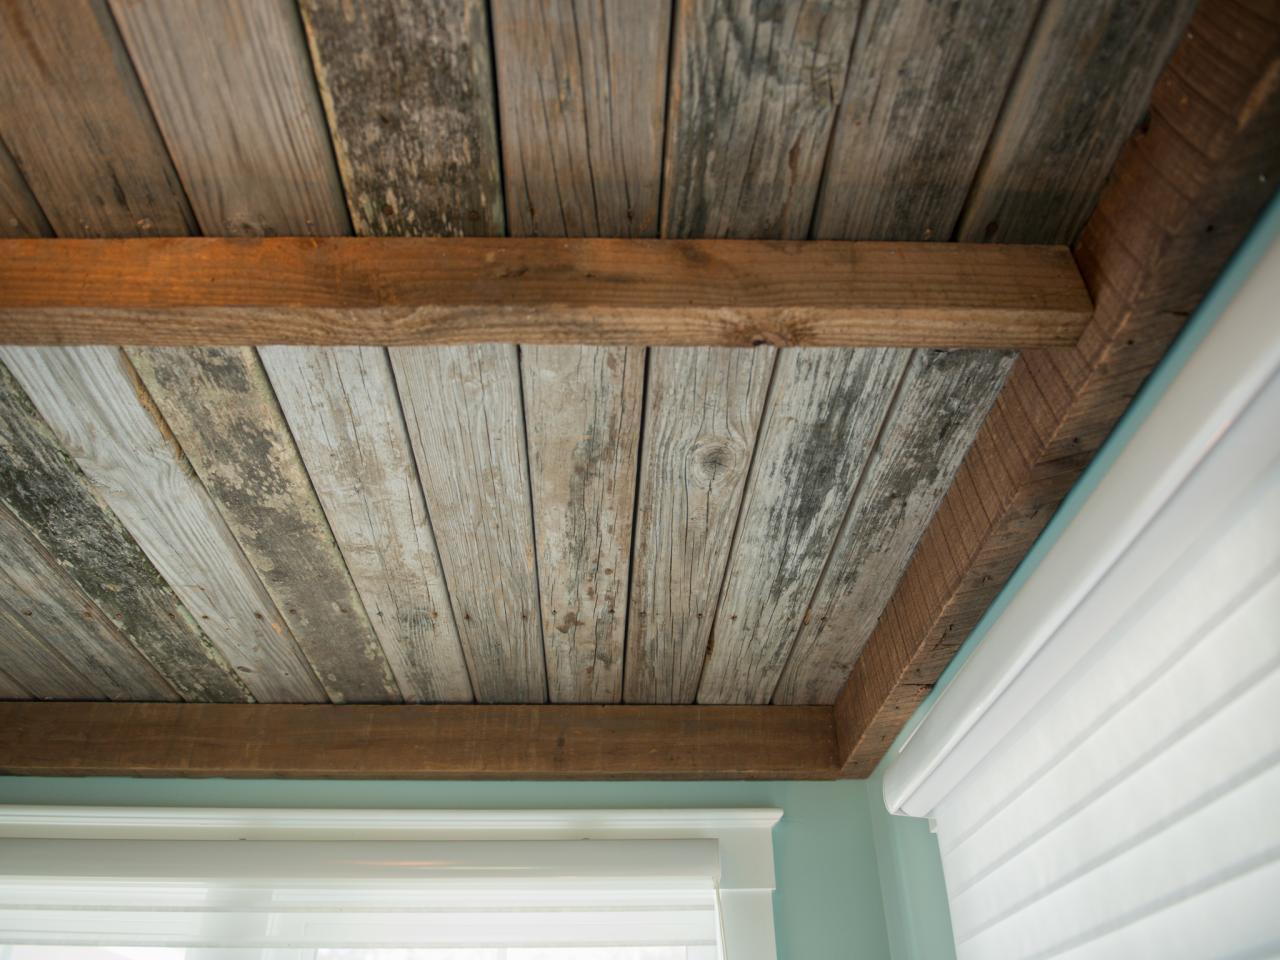 Правильное устройство потолка в частном доме - залог комфорта